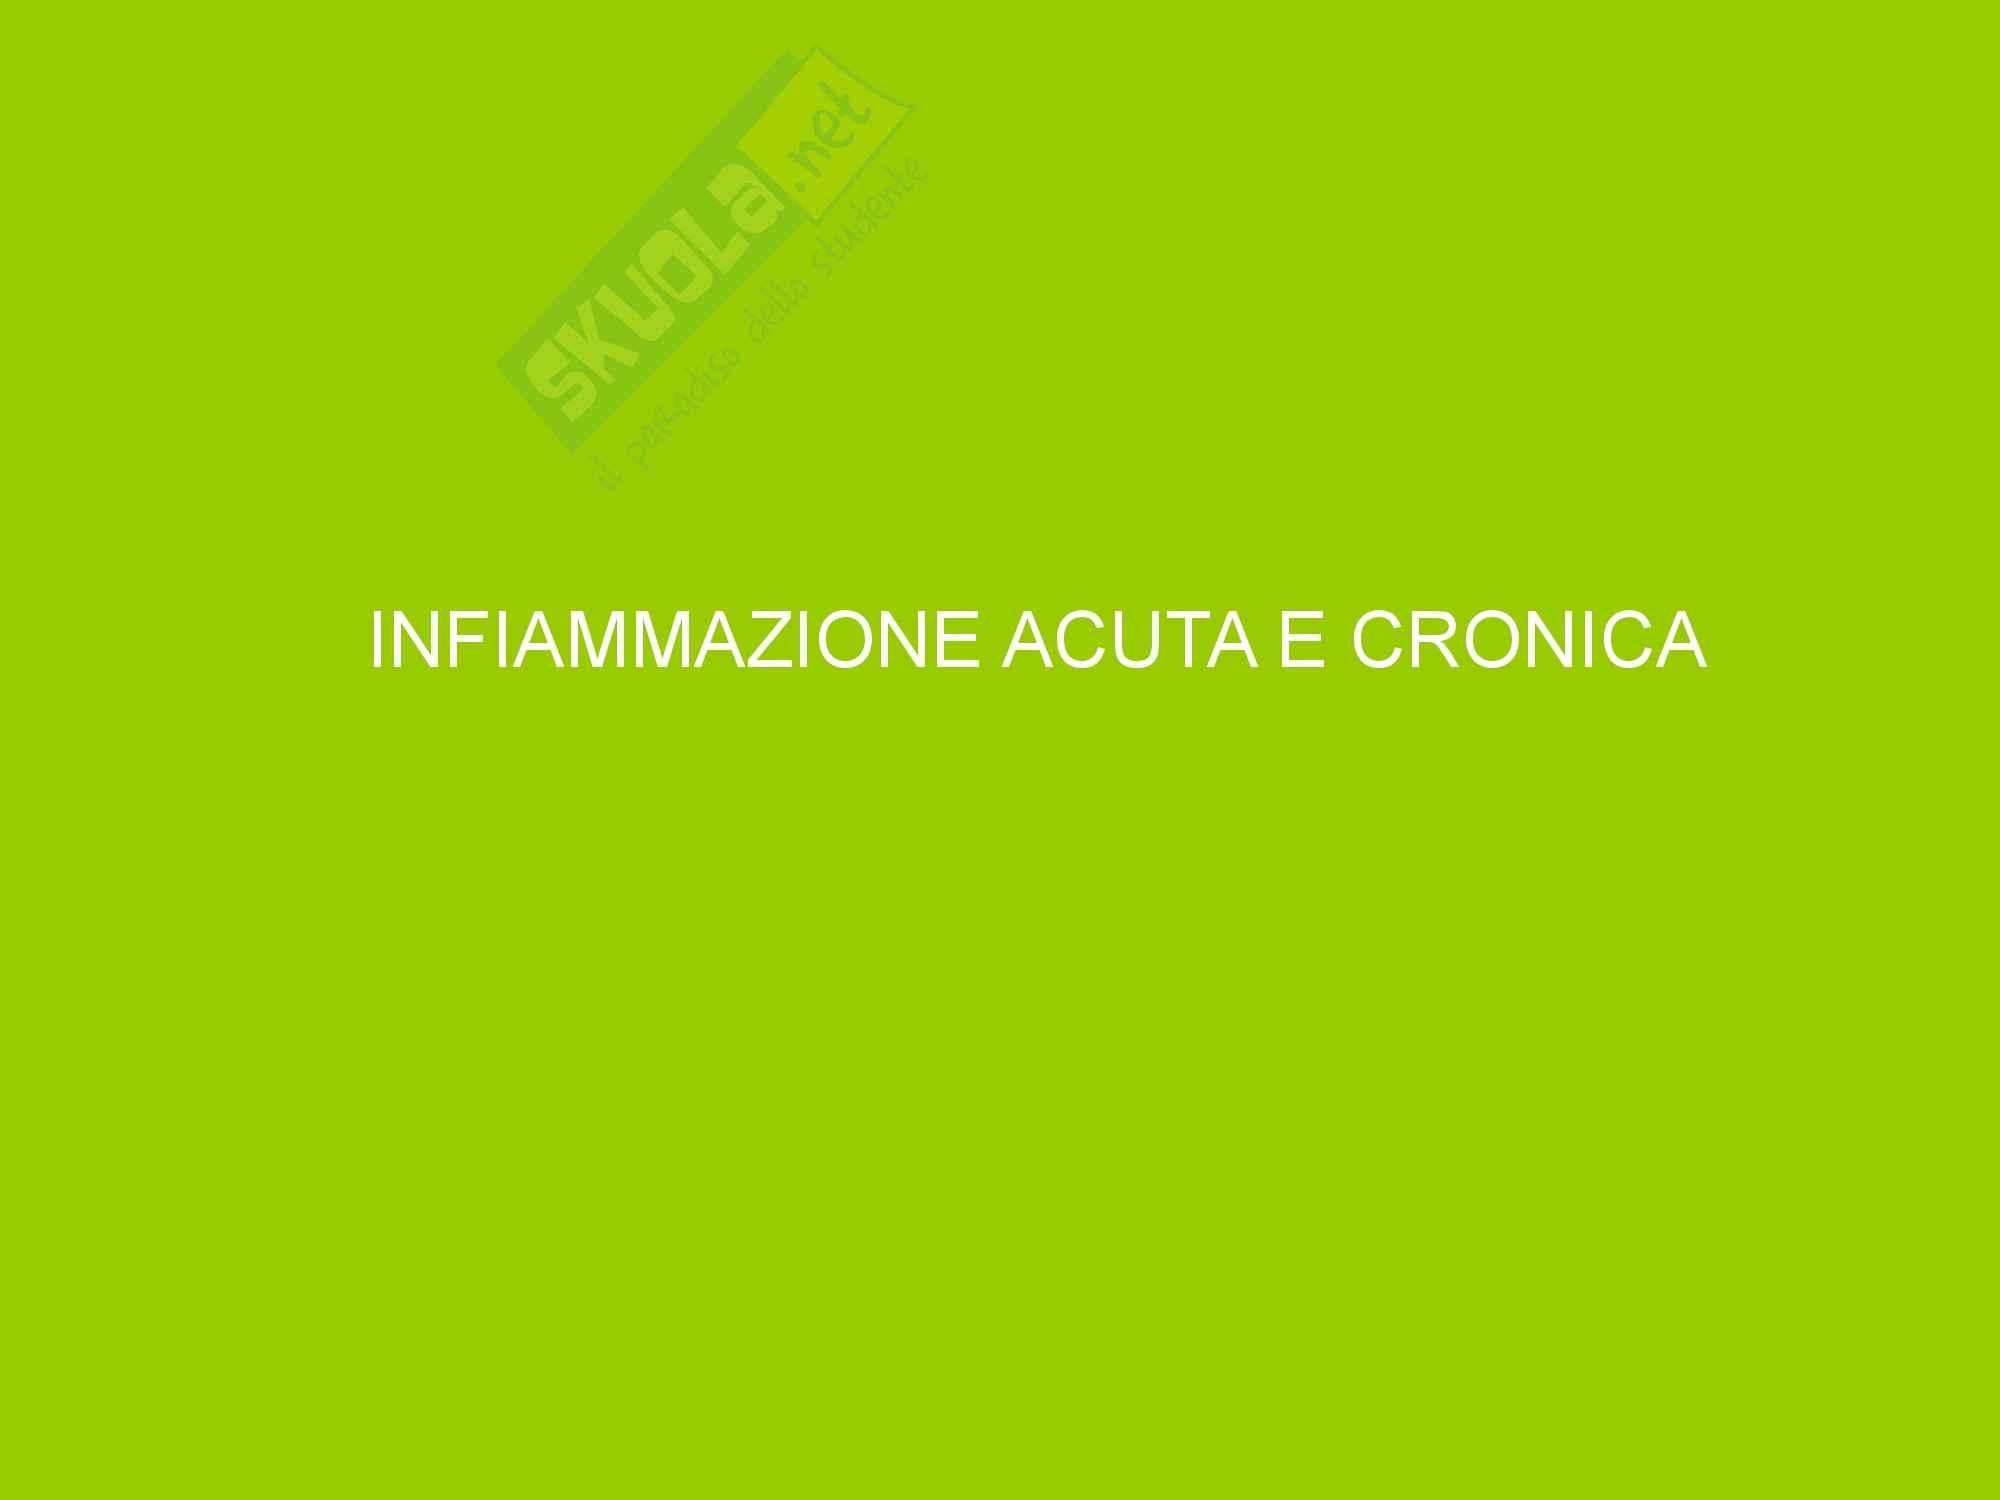 Infiammazione Acuta e Cronica